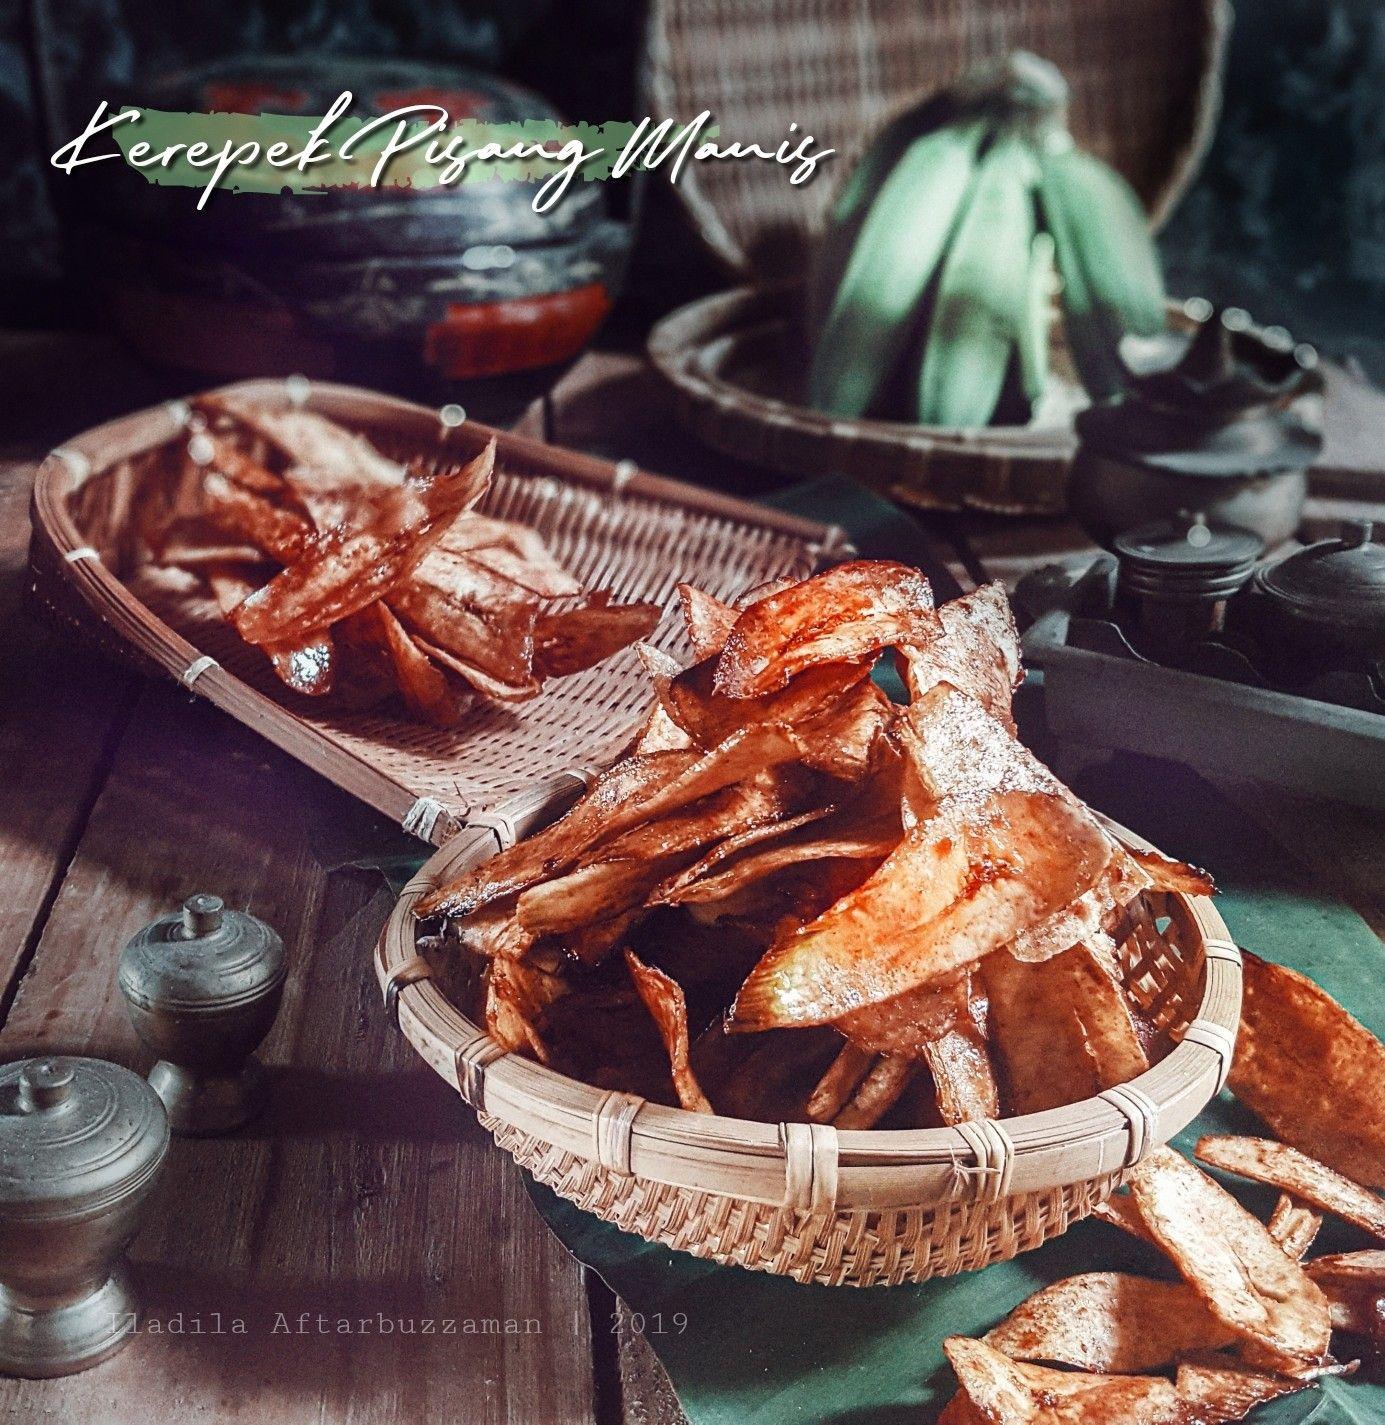 Pin On Recipes To Cook Kerepek Pisang Manis